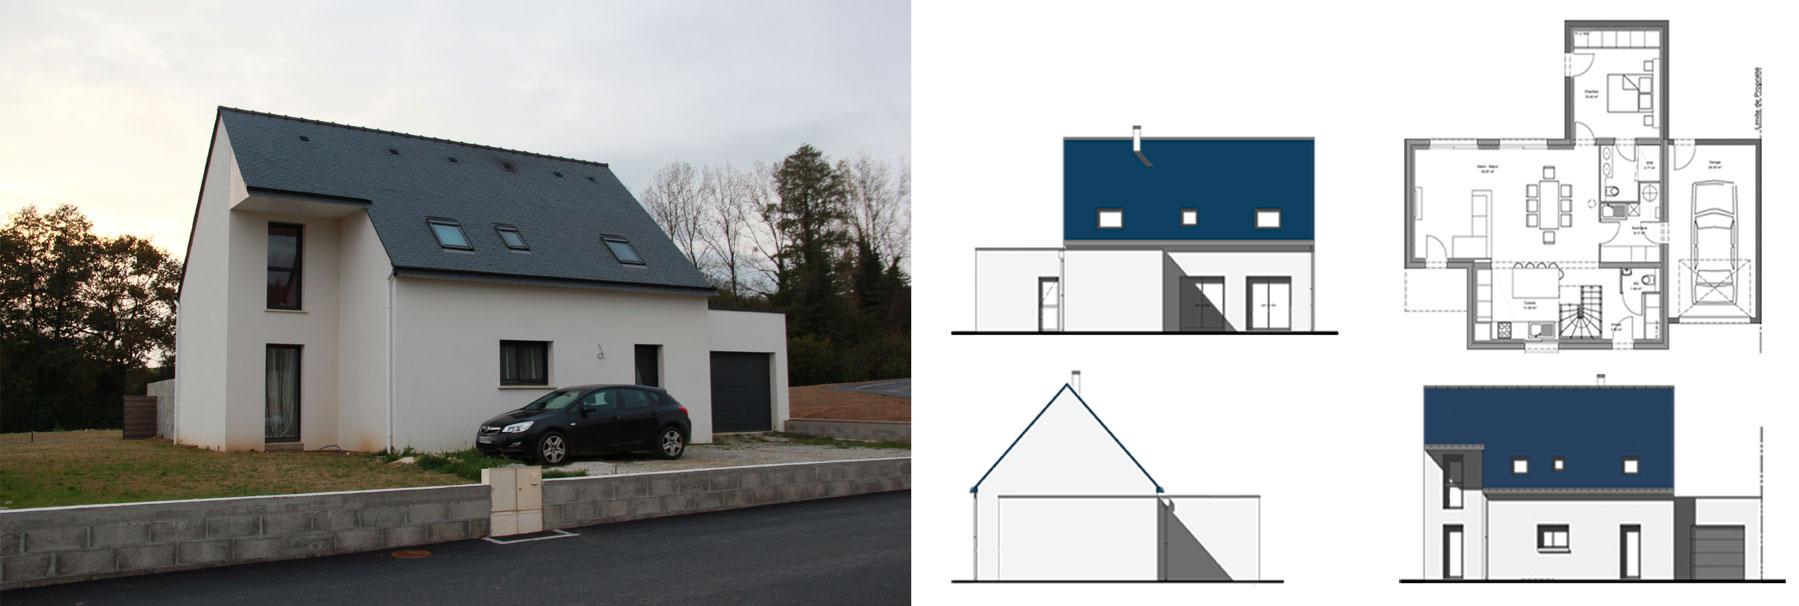 Construction de maisons individuelles, SG plans